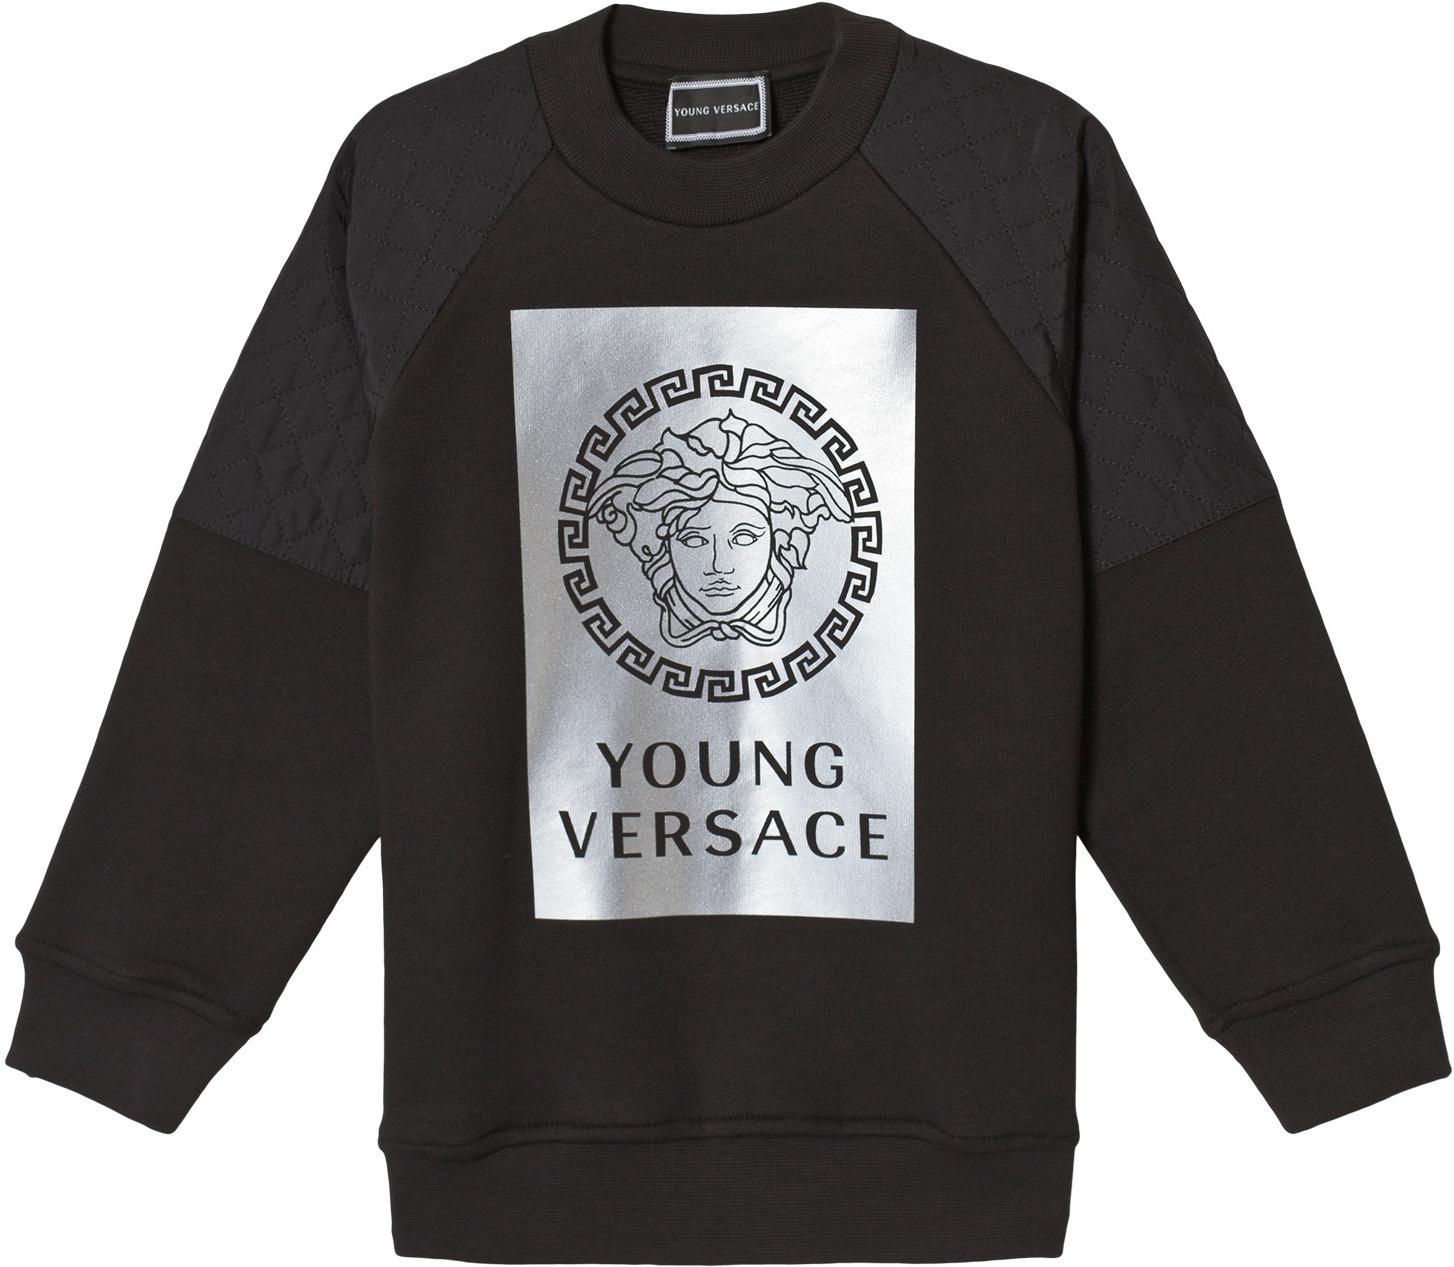 8ede4e00 Best pris på Young Versace Reflective Medusa Sweatshirt - Se priser før  kjøp i Prisguiden